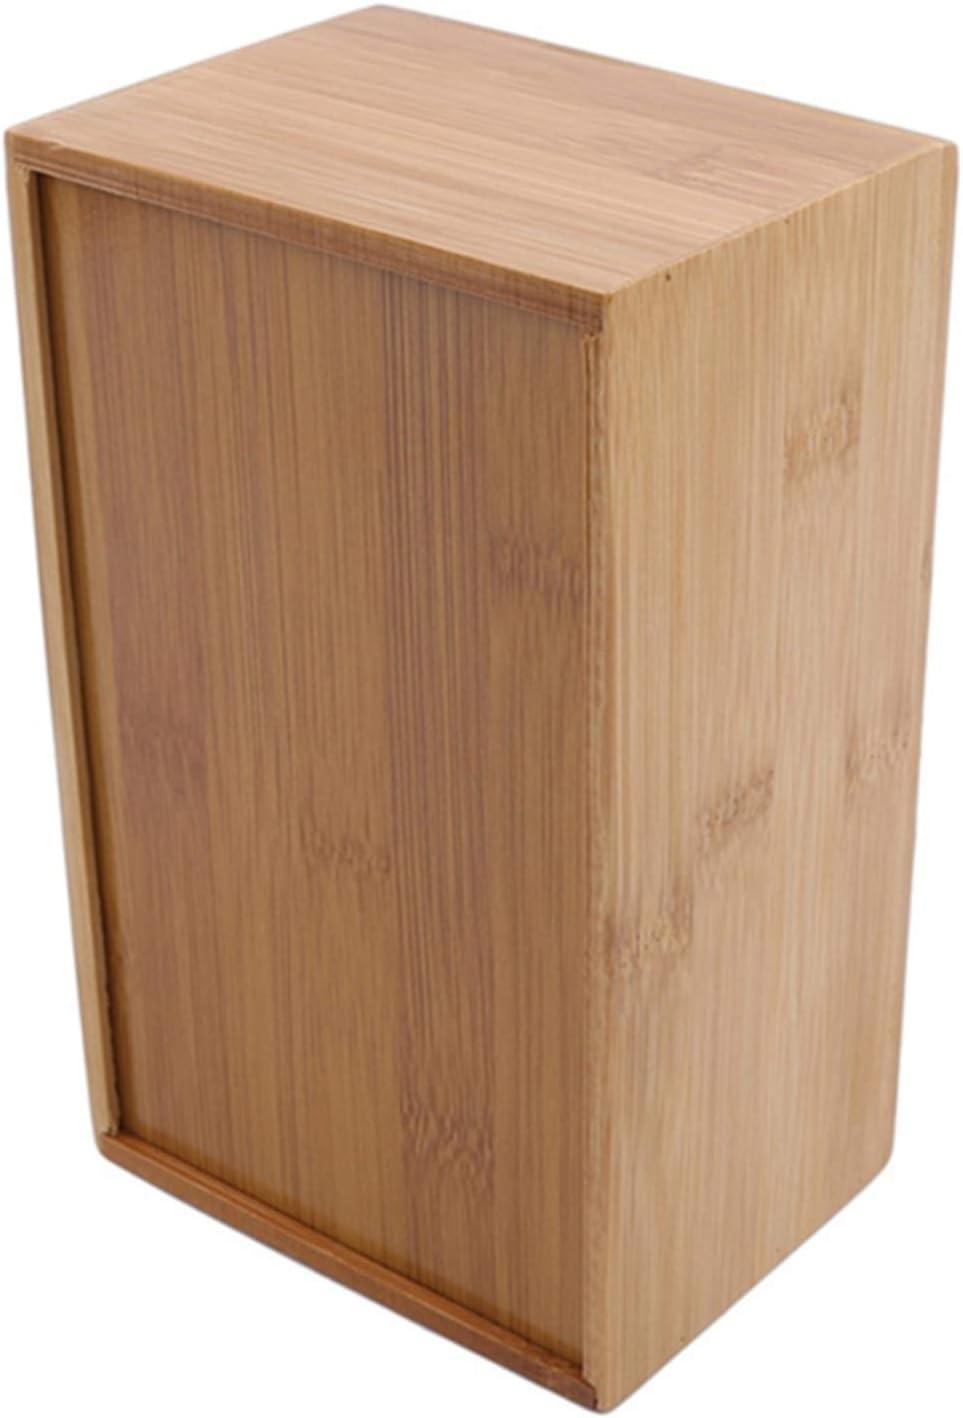 11,7 * 12 * 8,8 cm Bo/îte /À Mouchoirs en Bambou Bo/îte /À Serviettes pour Mouchoirs QQWA Bo/îte /À Mouchoirs en Bois Distributeur De Serviettes en Papier pour Table